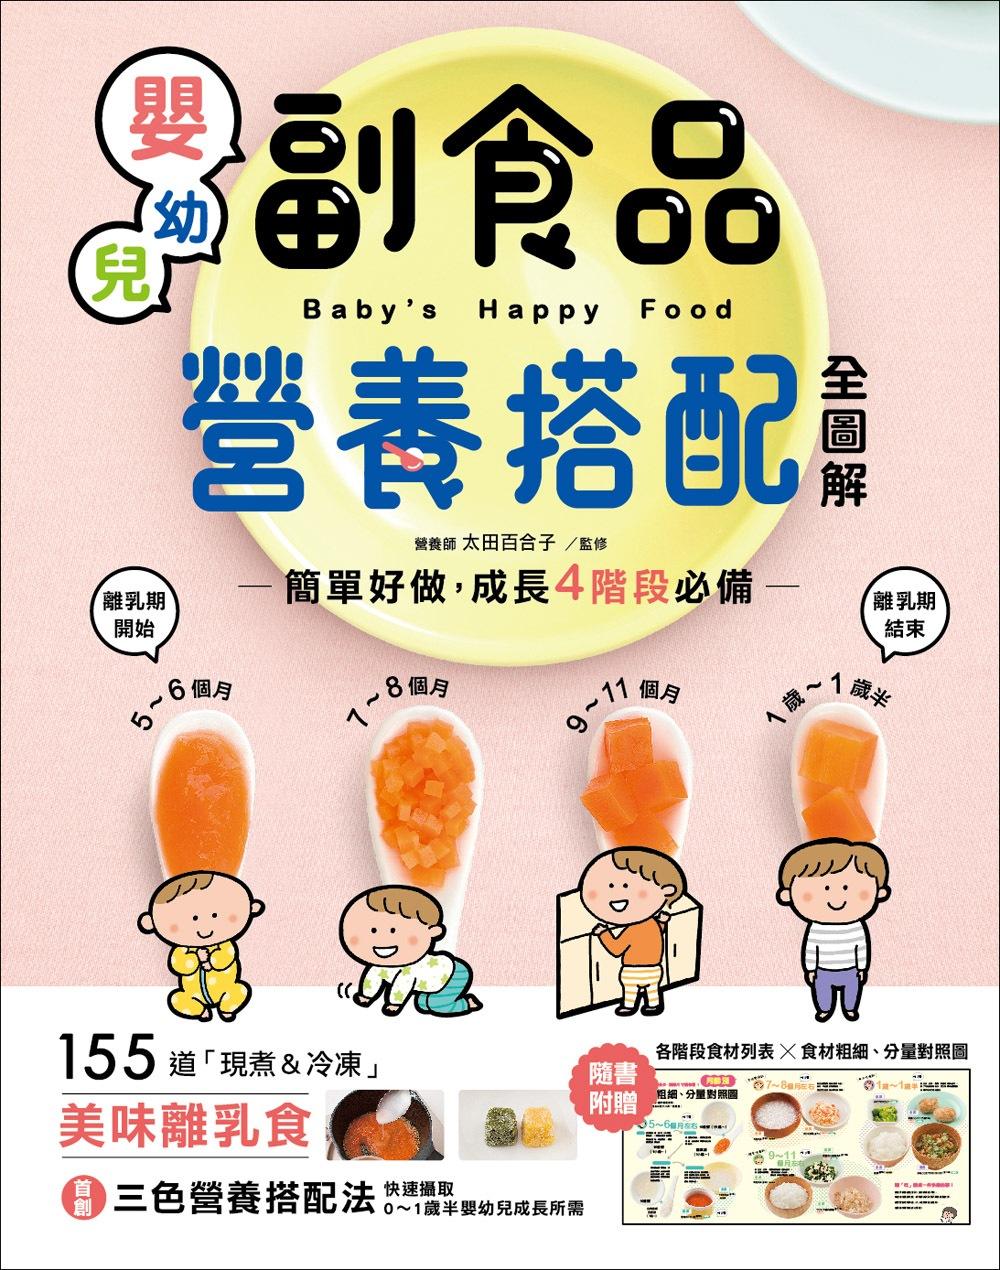 嬰幼兒副食品營養搭配全圖解:簡單好做,成長4階段必備!155道「現煮&冷凍」美味離乳食